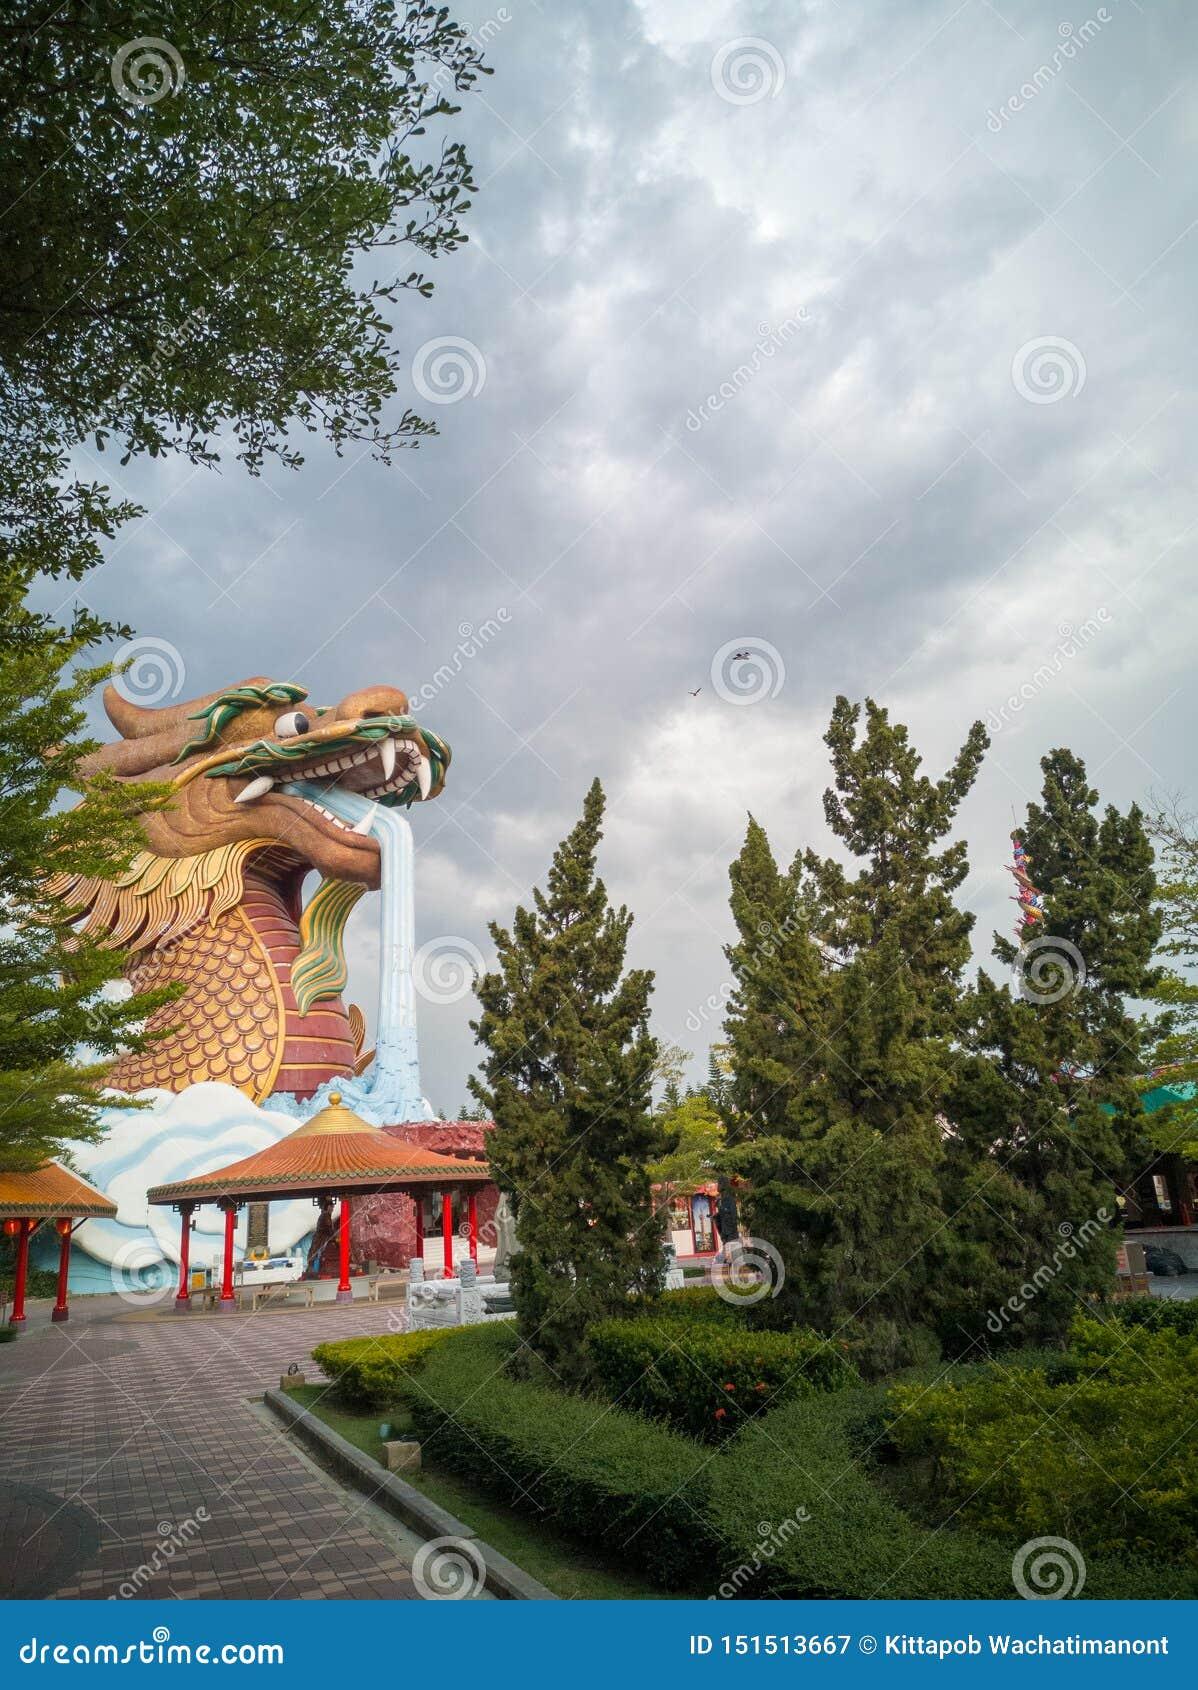 Una grande costruzione del drago nel giardino mentre il cielo è vicino piovere